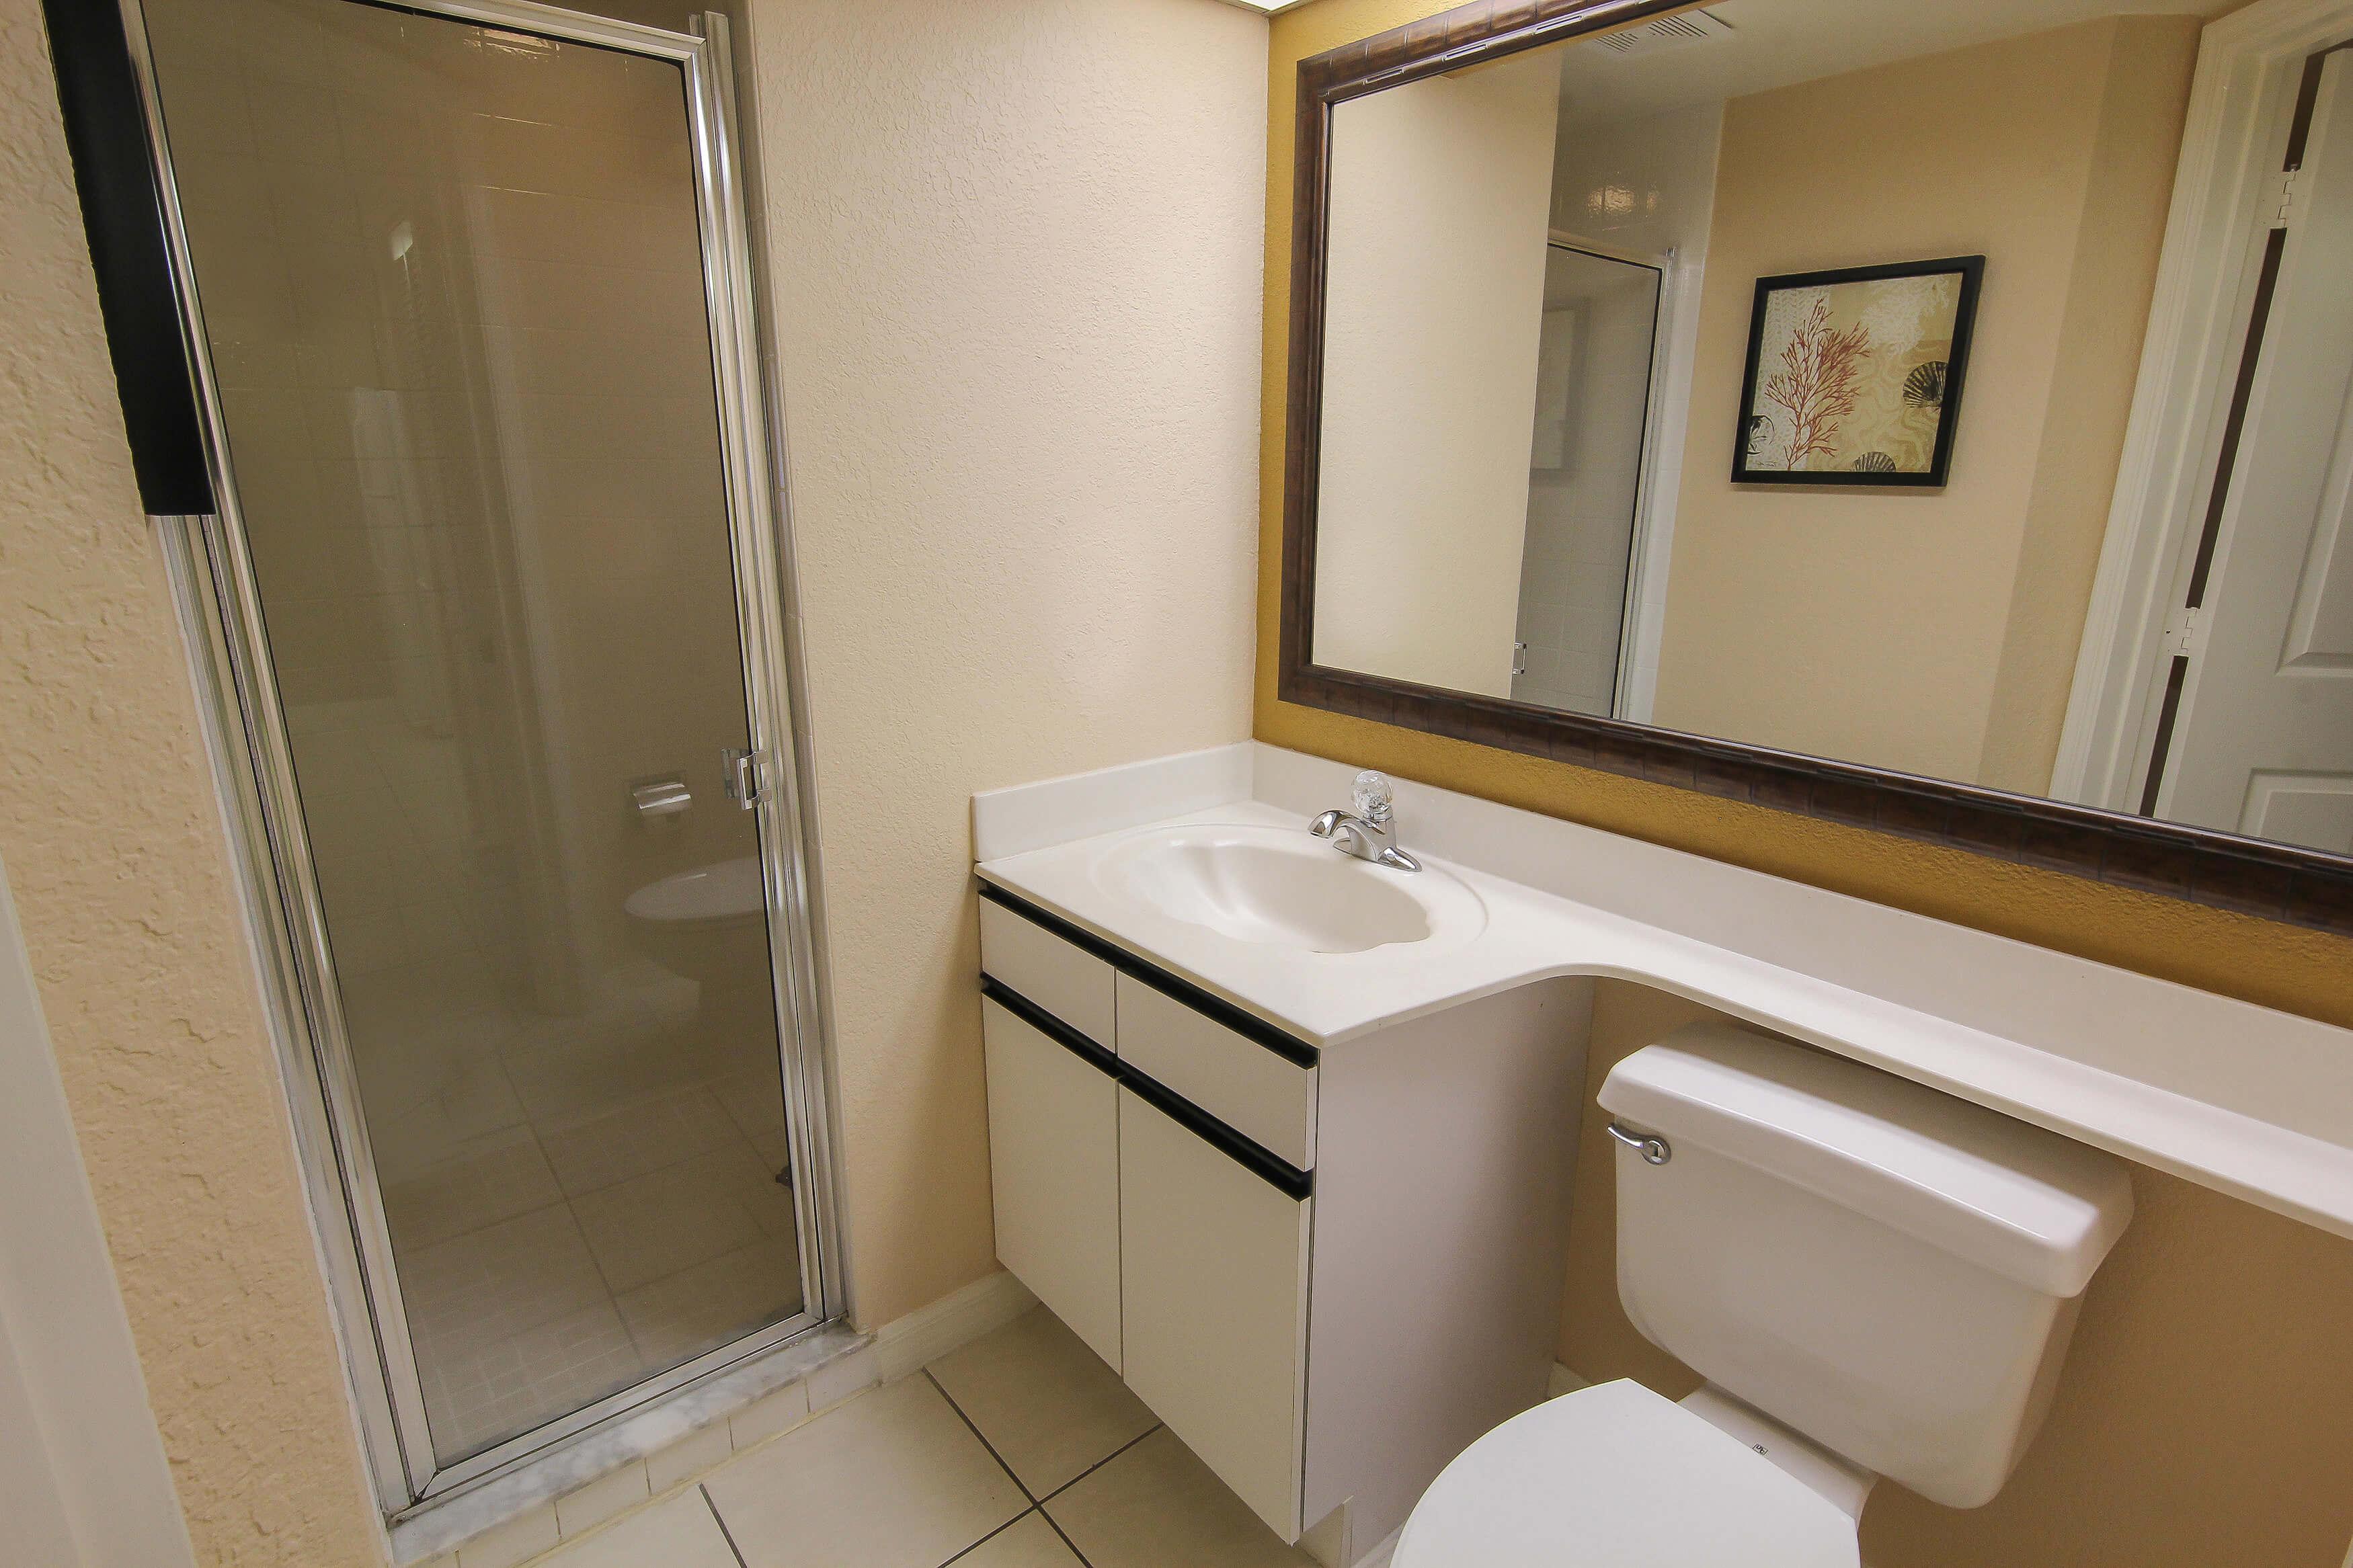 2nd Bathroom in 2 bedroom suite in Orlando, FL | Westgate Vacation Villas Resort & Spa | Orlando, FL | Westgate Resorts